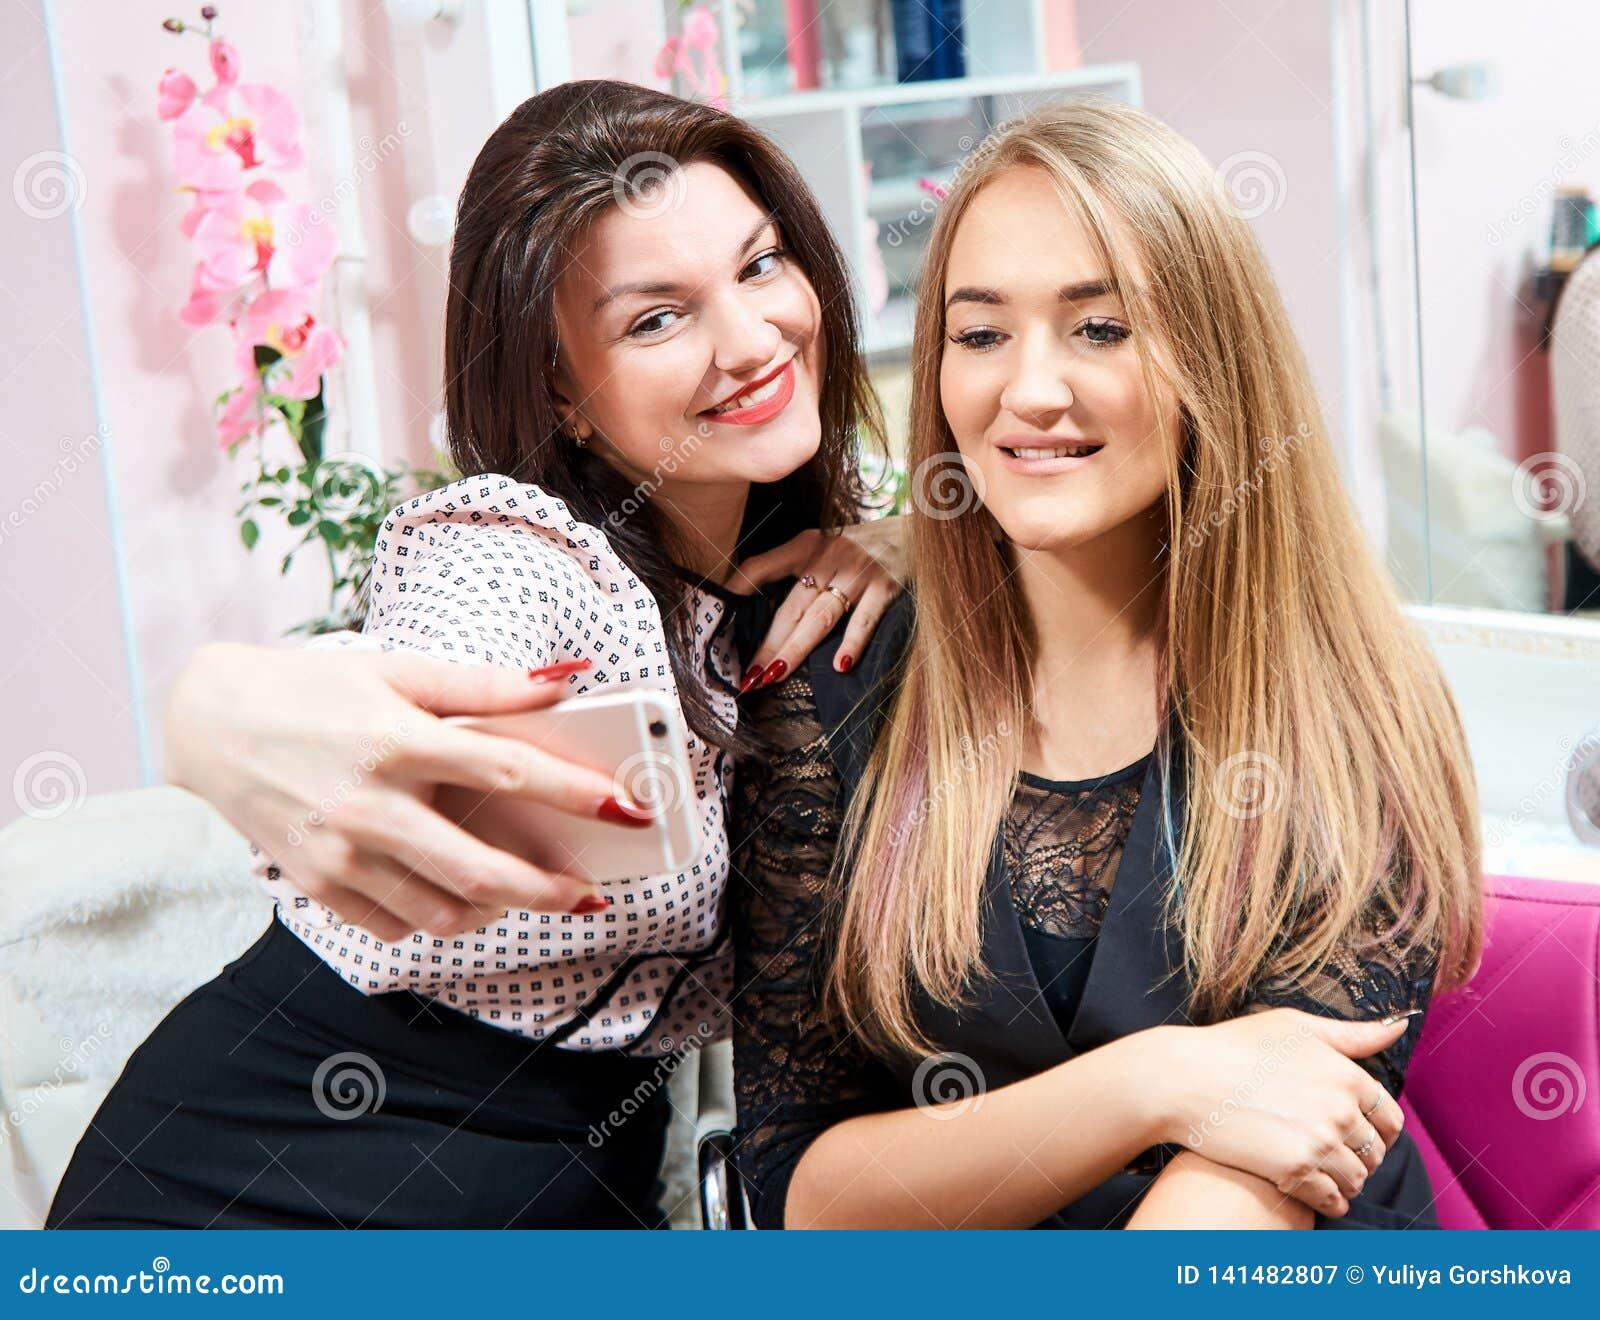 2 девушки брюнета и блондинка делают selfie в салоне красоты